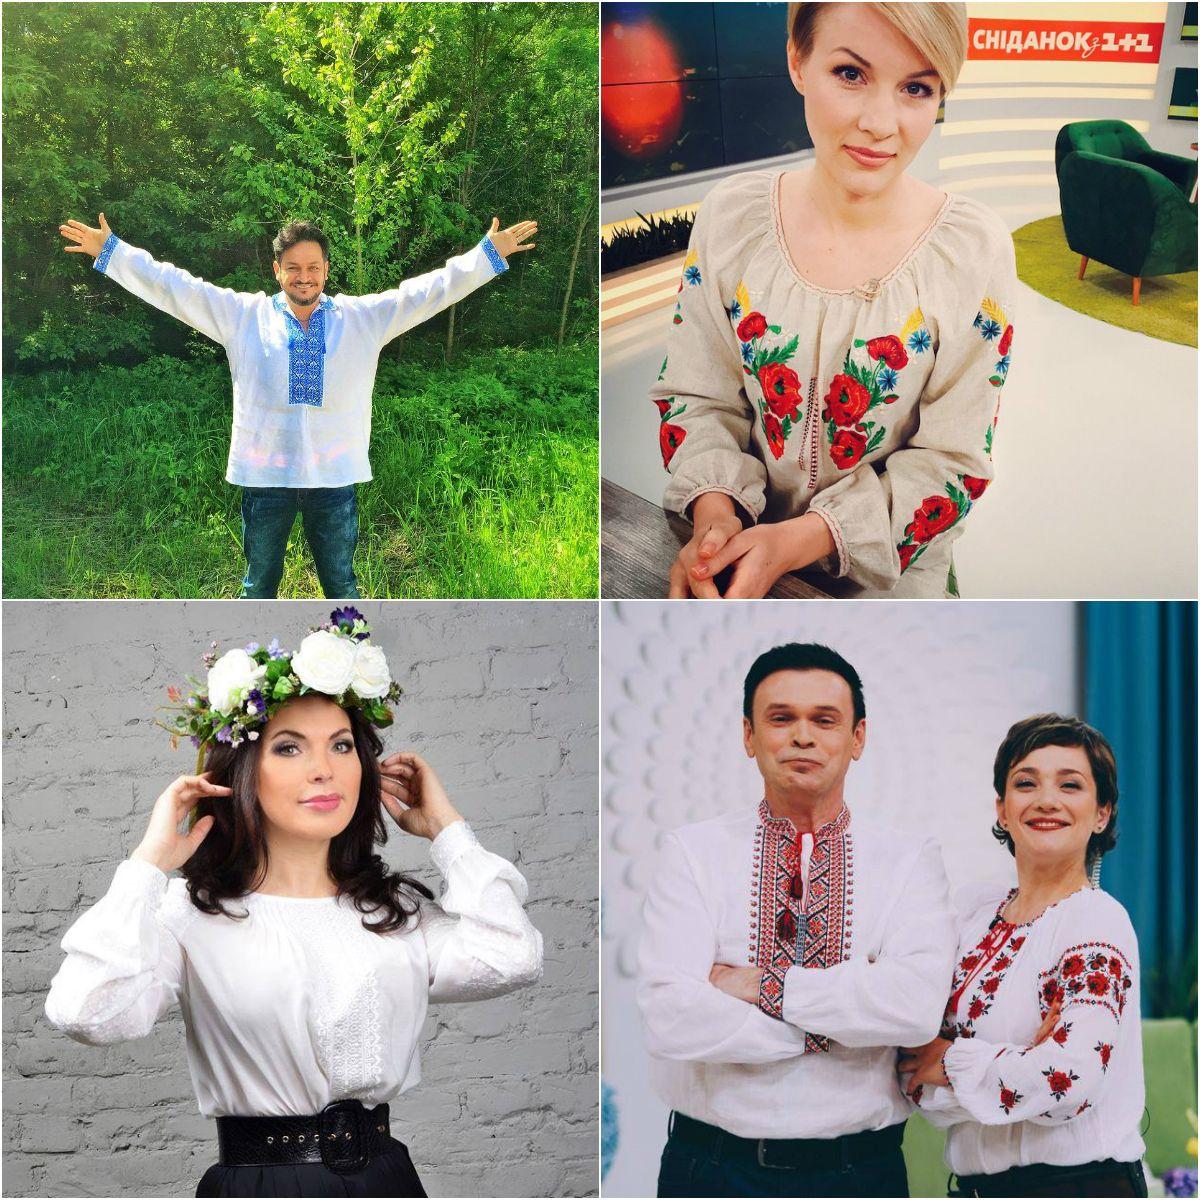 З ДНЕМ ВИШИВАНКИ! - Folk Ukraine - міжнародний етнокультурний проект